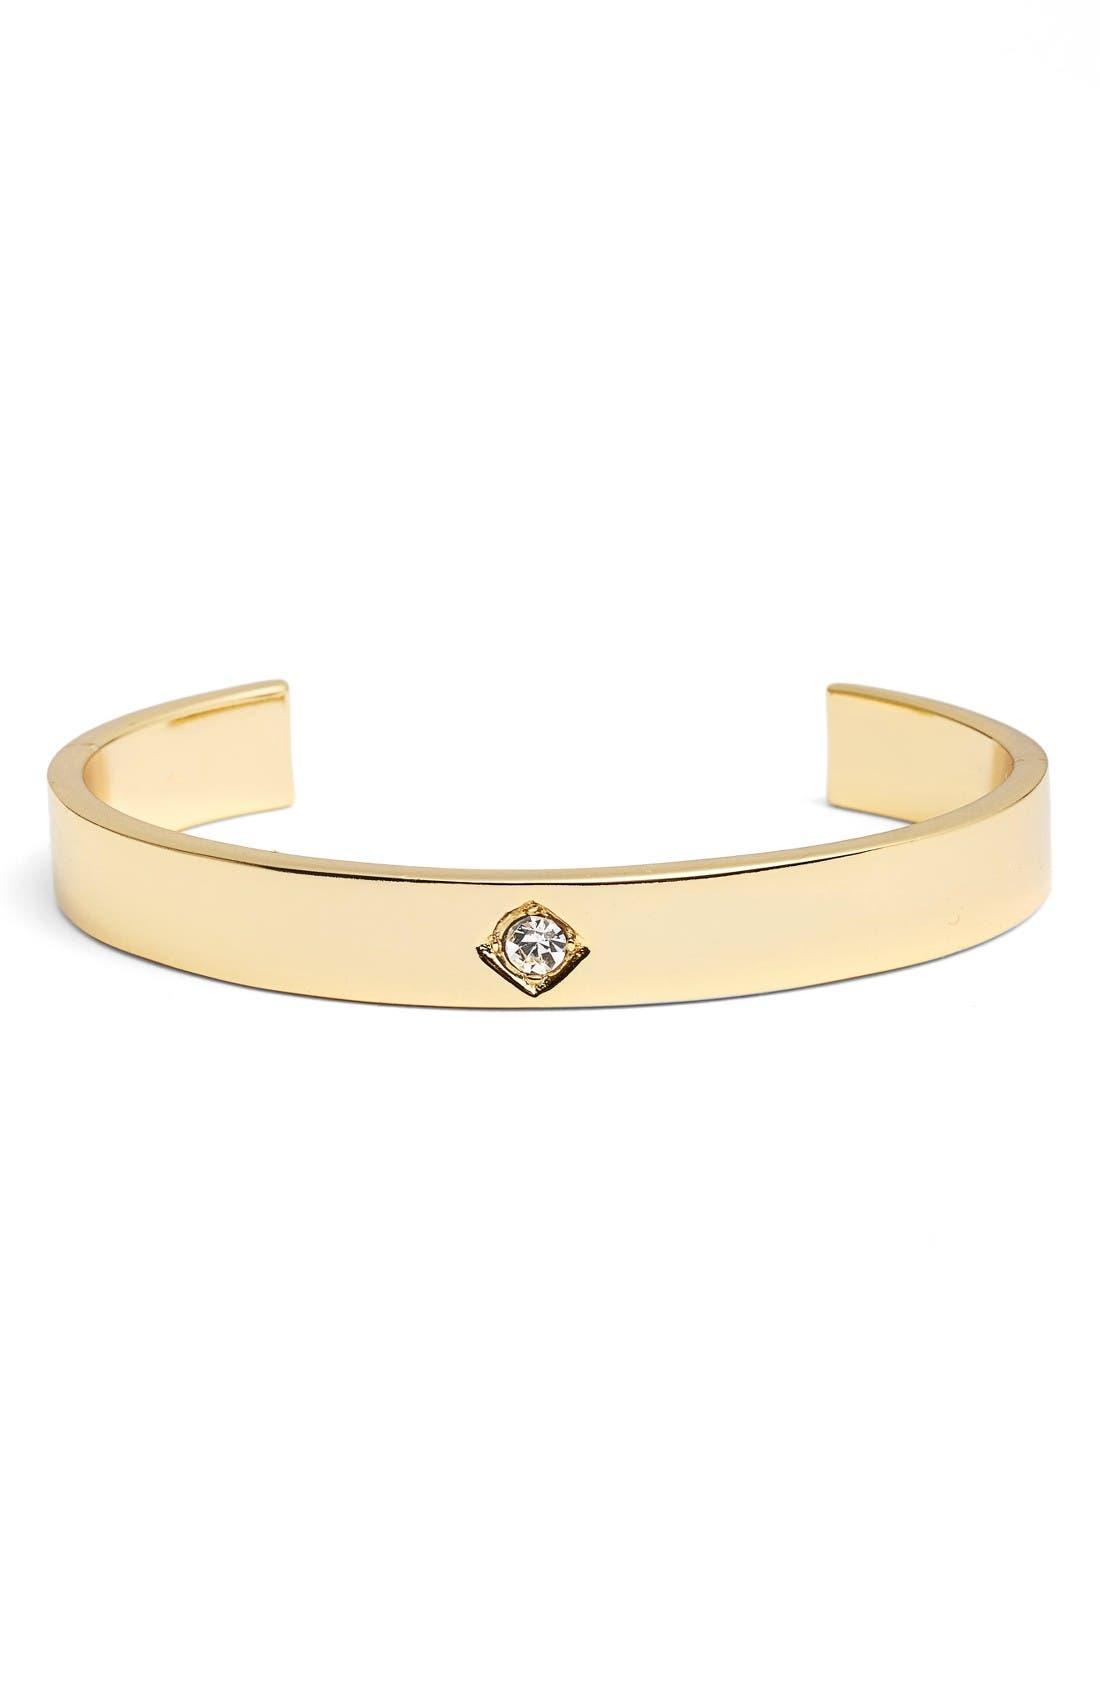 Tulum Cuff Bracelet,                         Main,                         color, Gold/ Clear